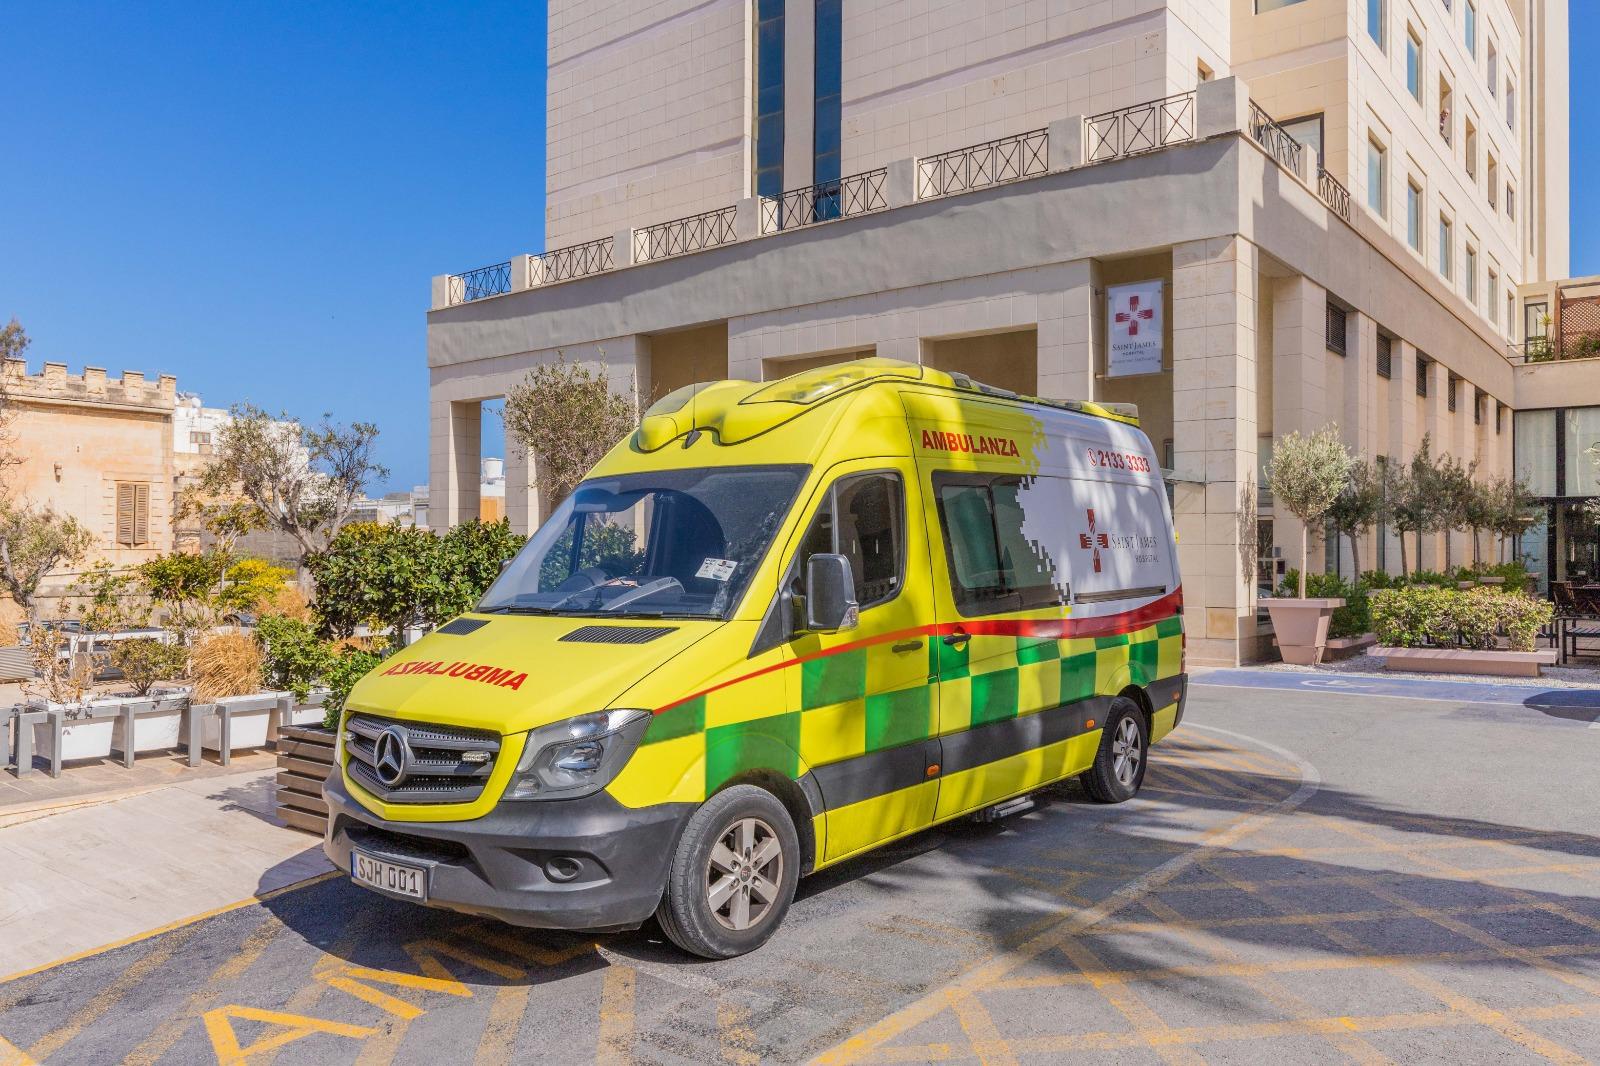 Photoshop Ambulance